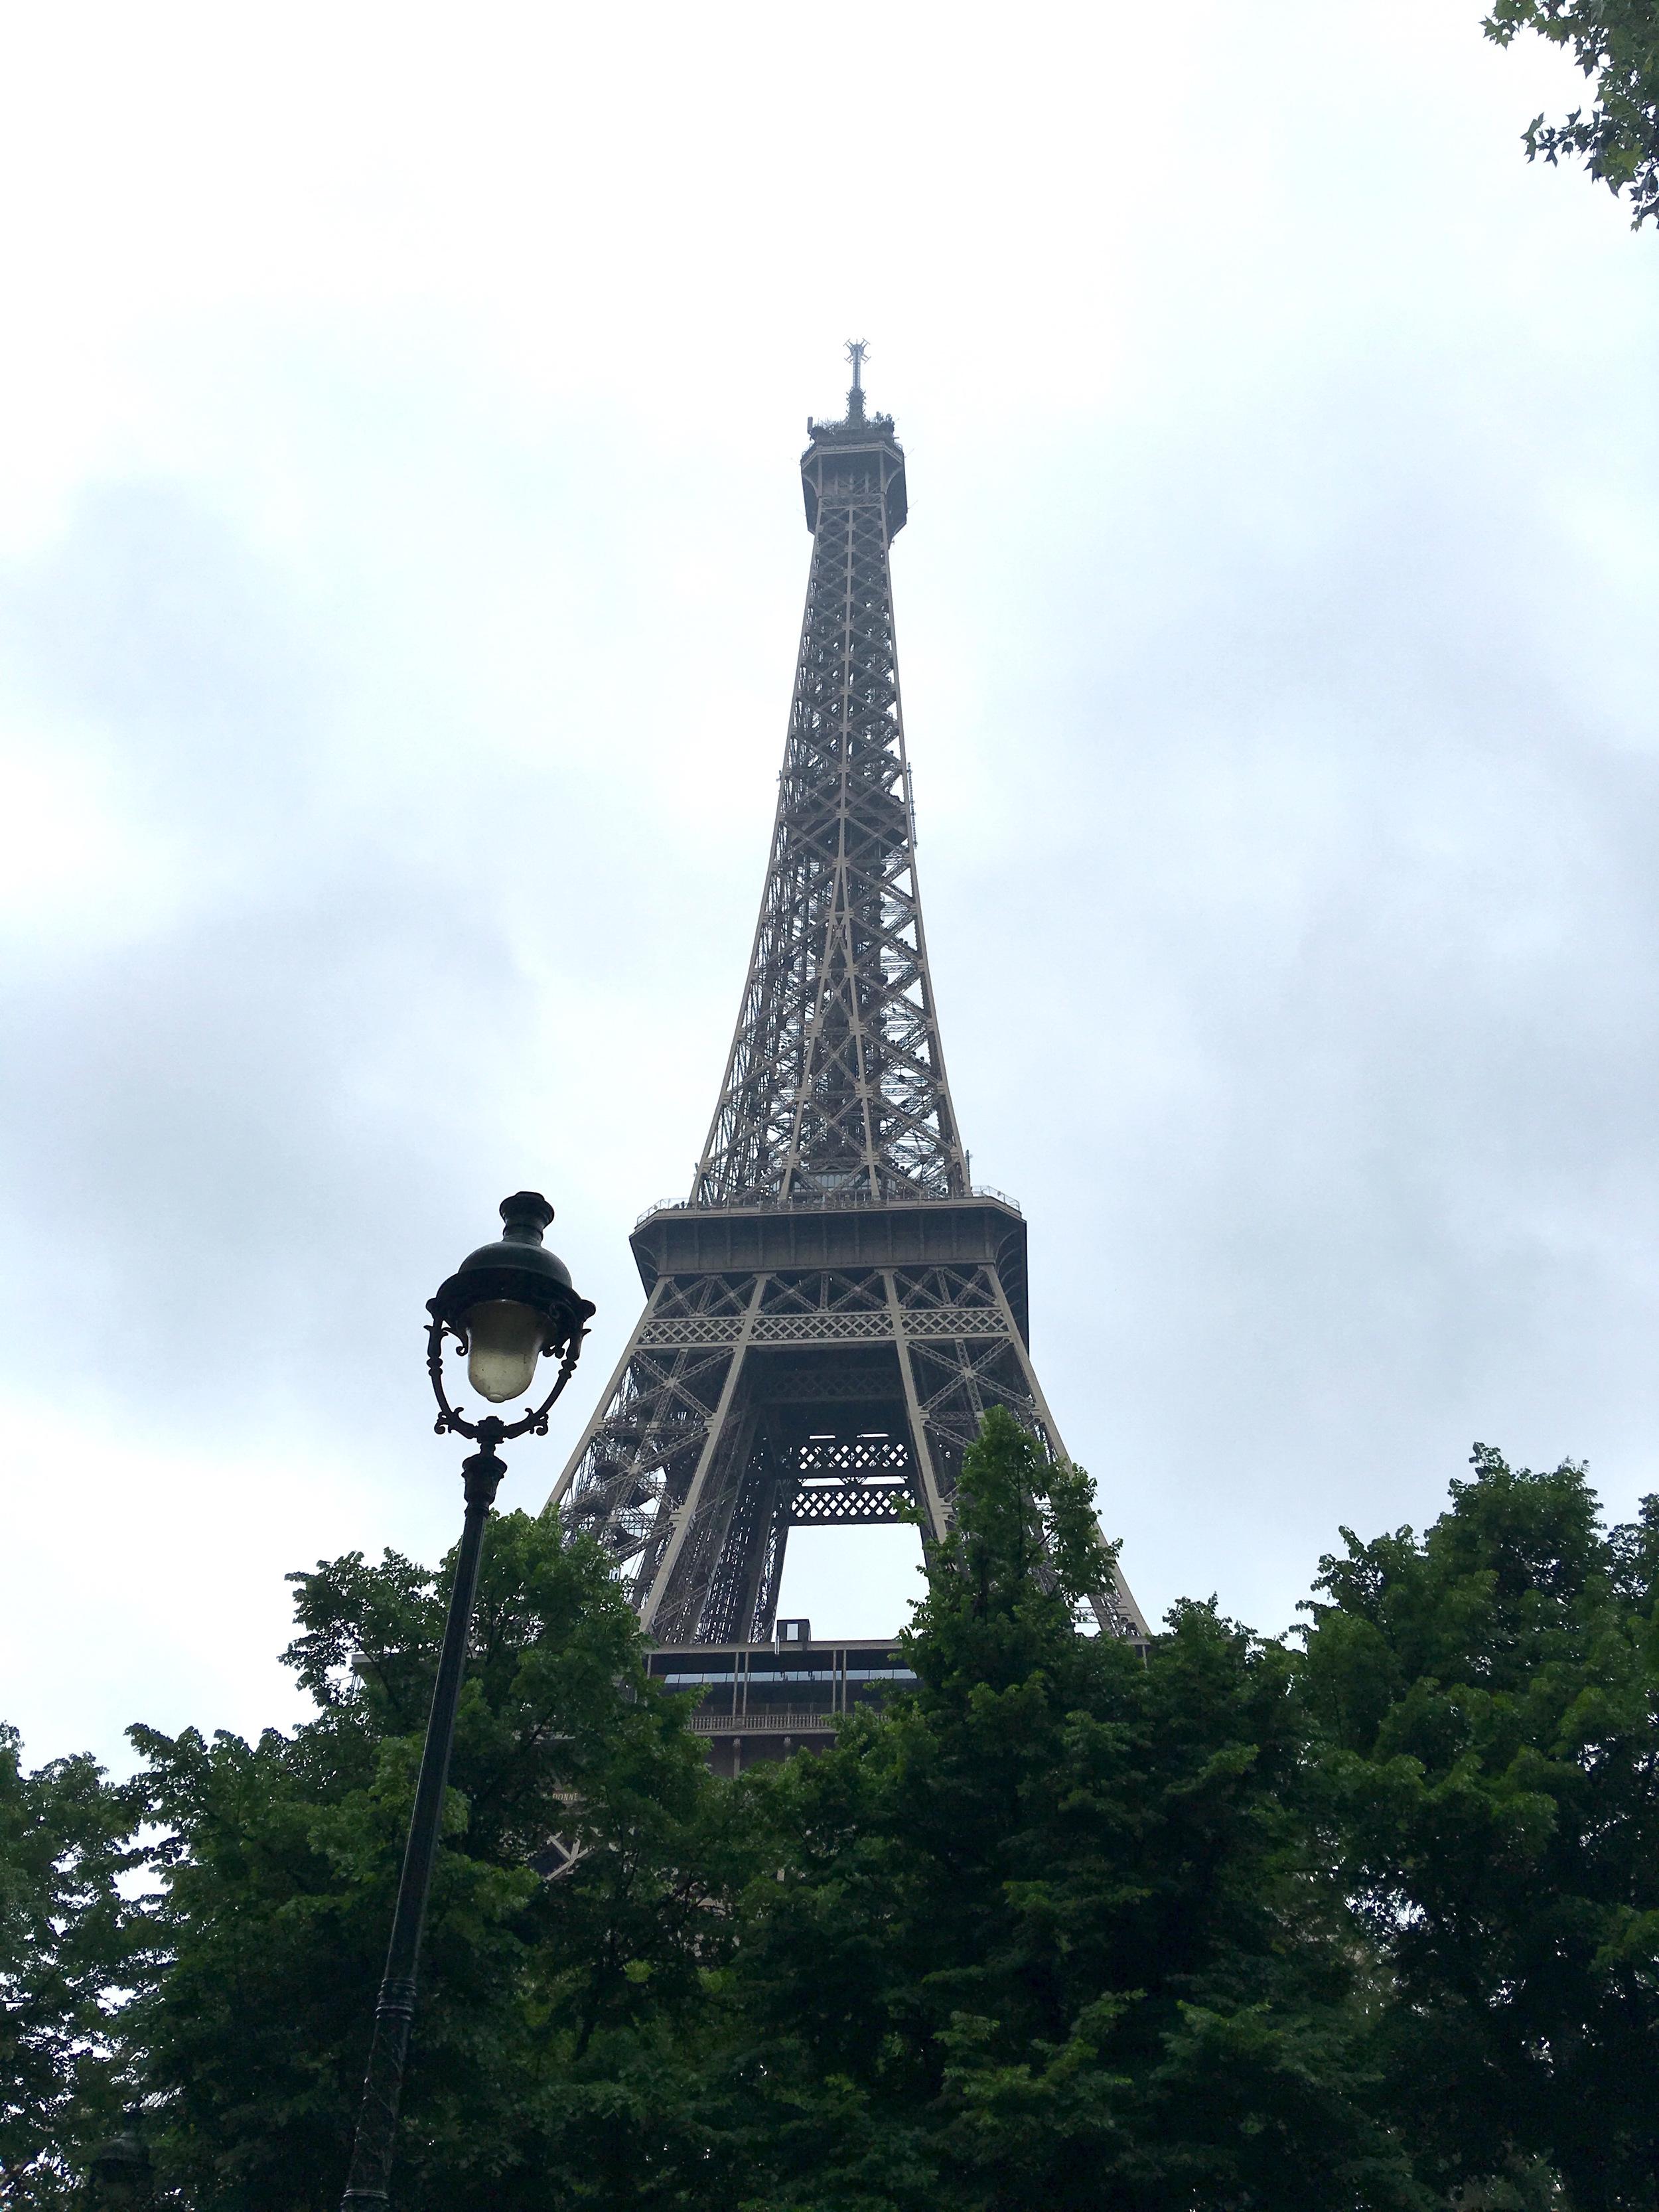 Paris Eiffel Tower via. www.birdieshoots.com